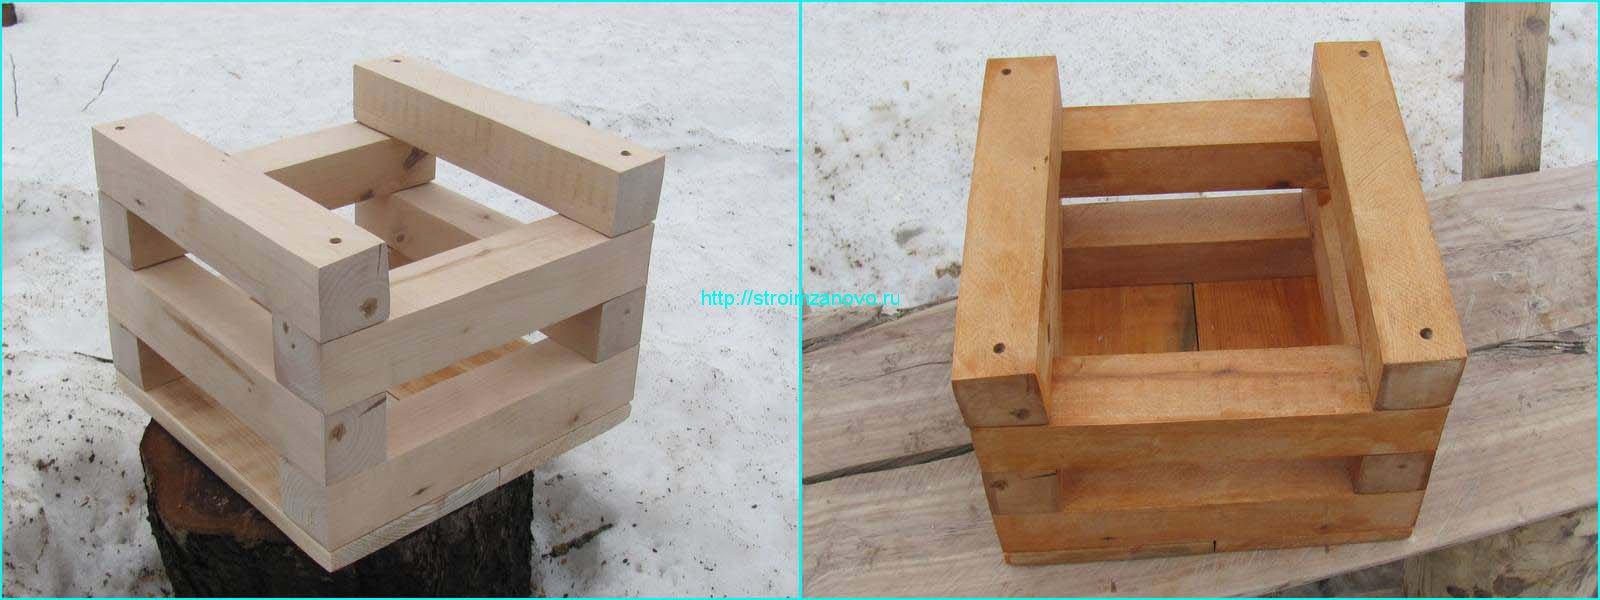 Поделки из деревянных брусков 14